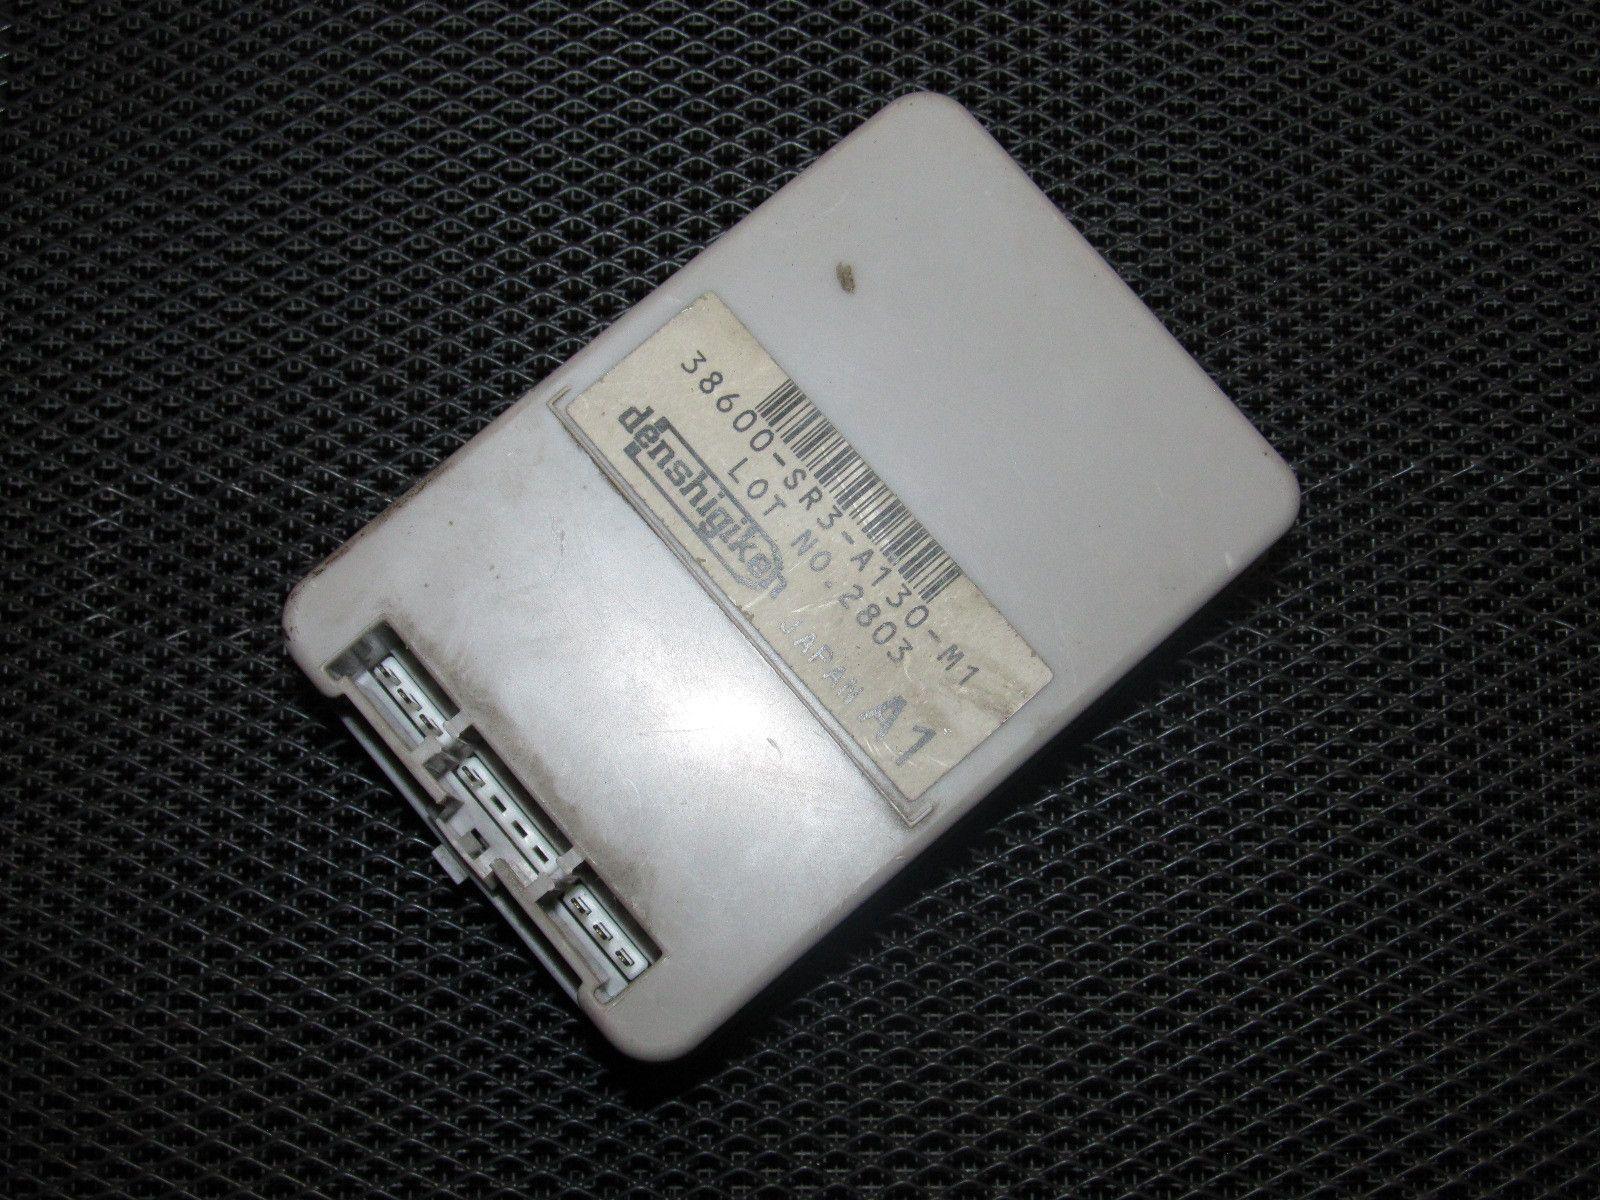 93 97 honda del sol fuse box integration unit 38600 sr3 a130  [ 1600 x 1200 Pixel ]